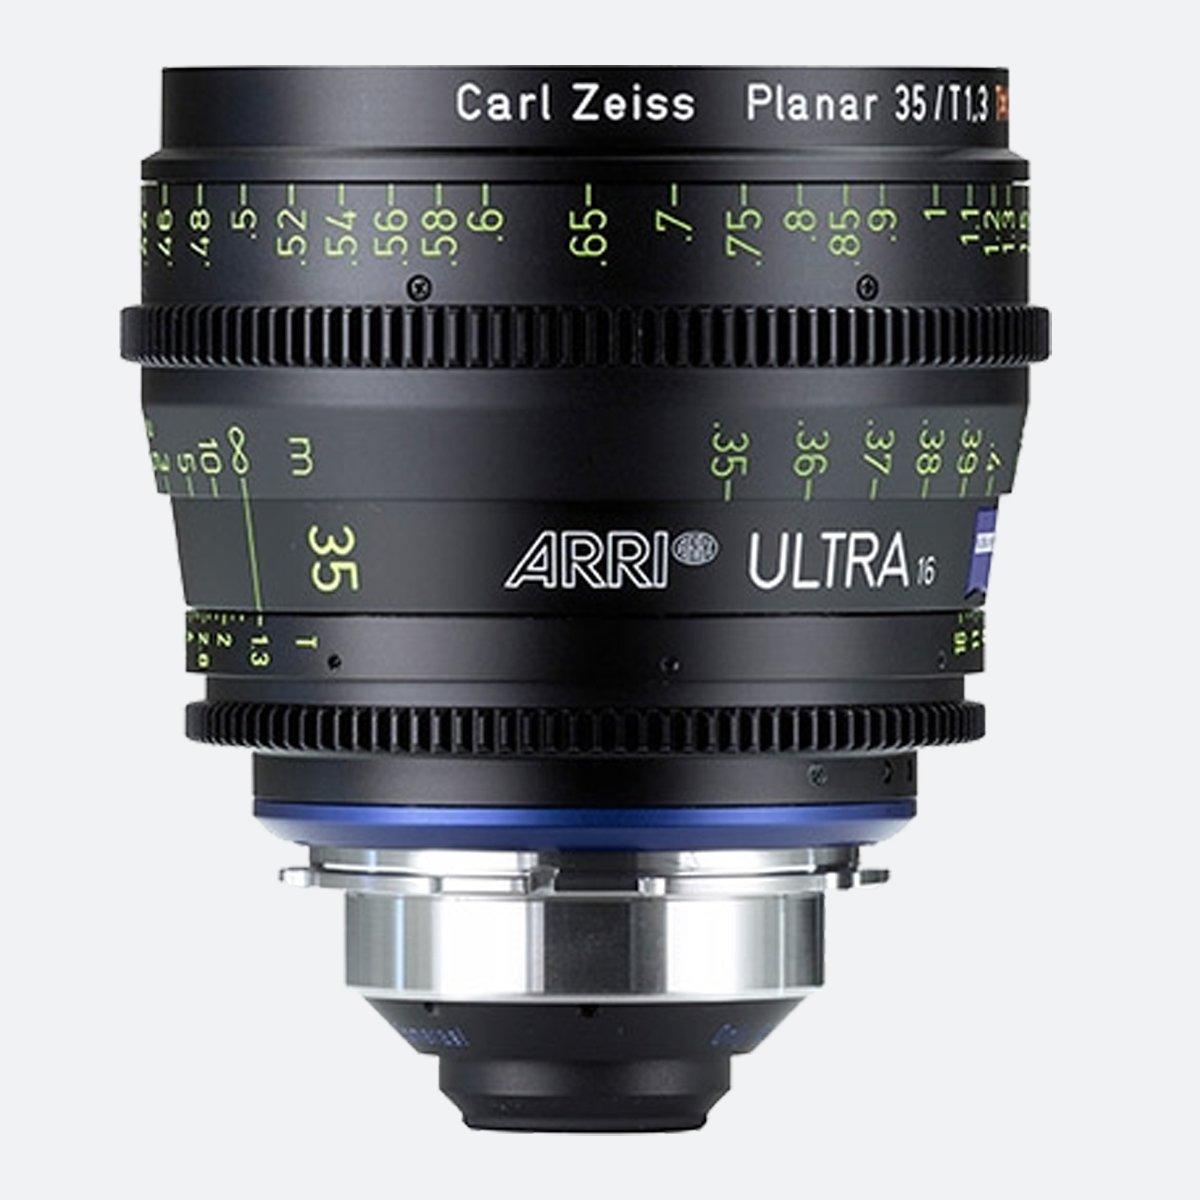 ARRI Ultra 16 T1.3 / 35 mm Prime Lens